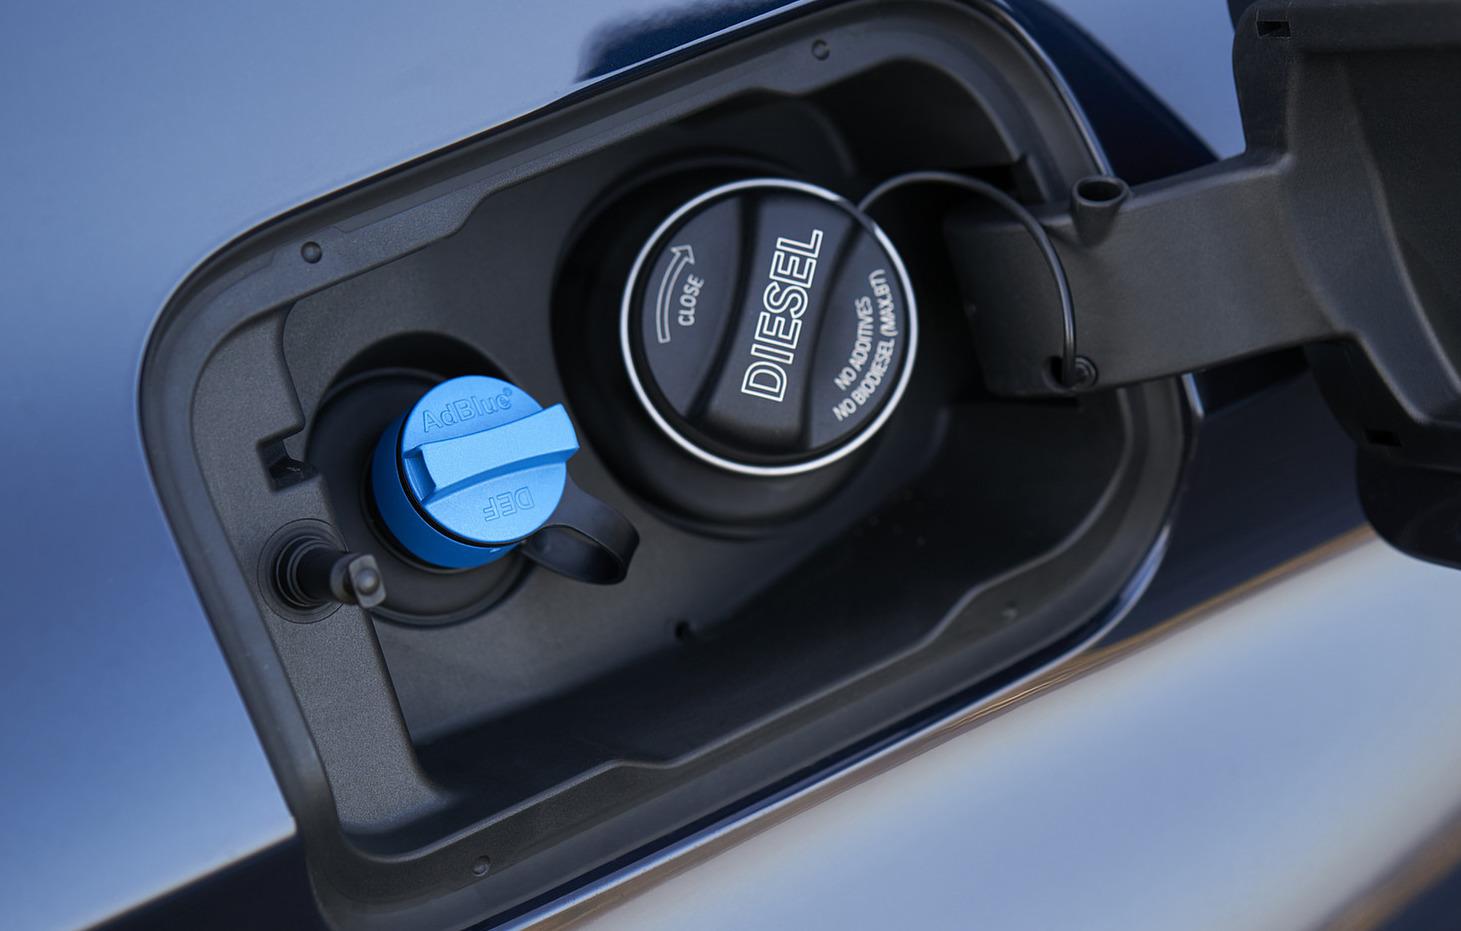 メルセデス・ベンツのディーゼル車日本でもサービスキャンペーン実施へ~独の大手自動車5社 不正カルテル問題報道~BMWグループの声明